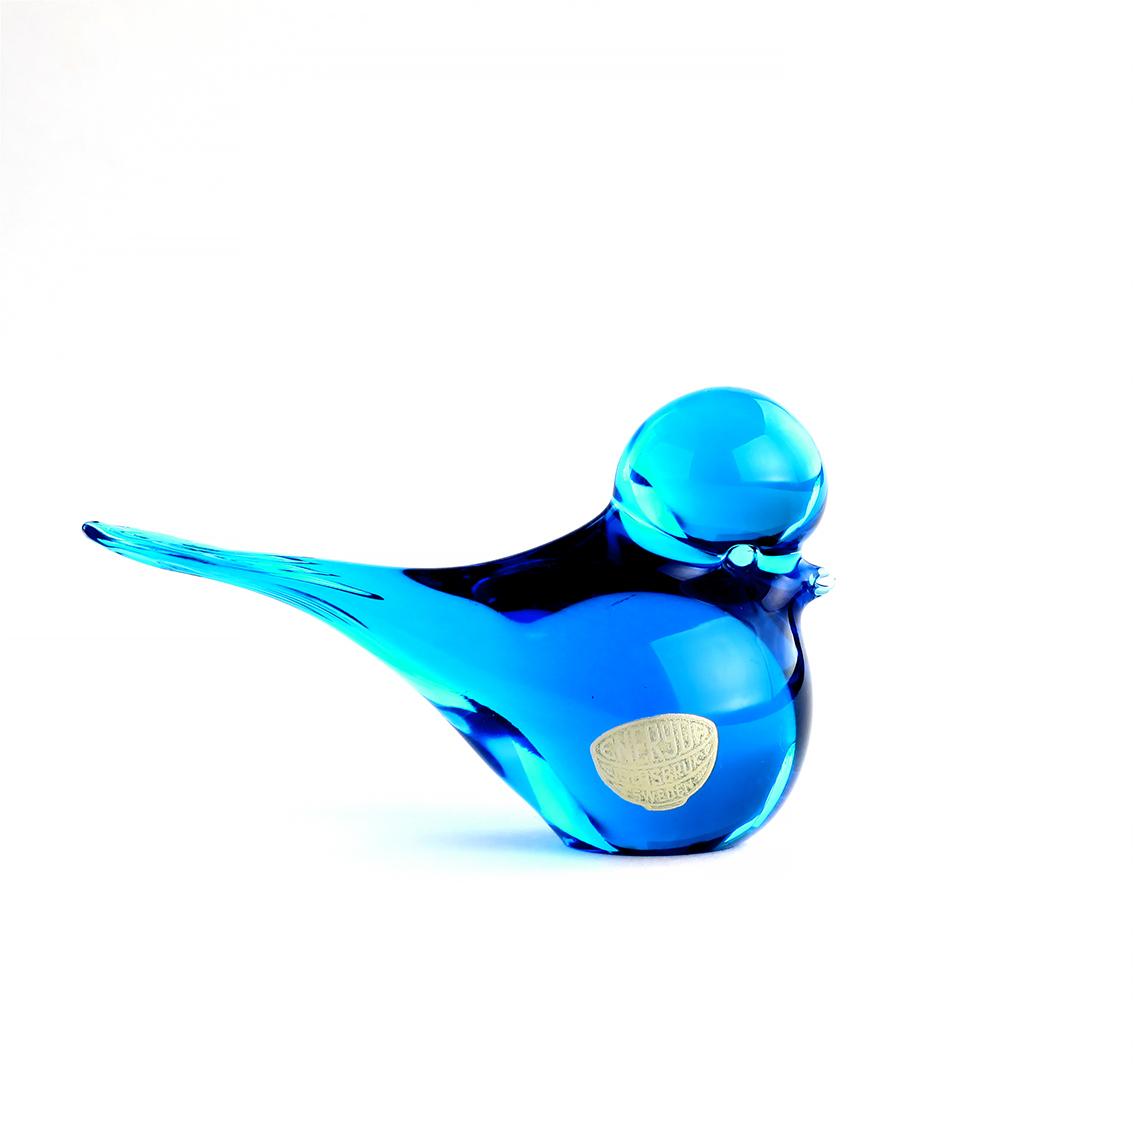 Eneryda Glasbruk エネリーダ・グラスブルック コバルトブルーのガラスの小鳥 北欧ヴィンテージ